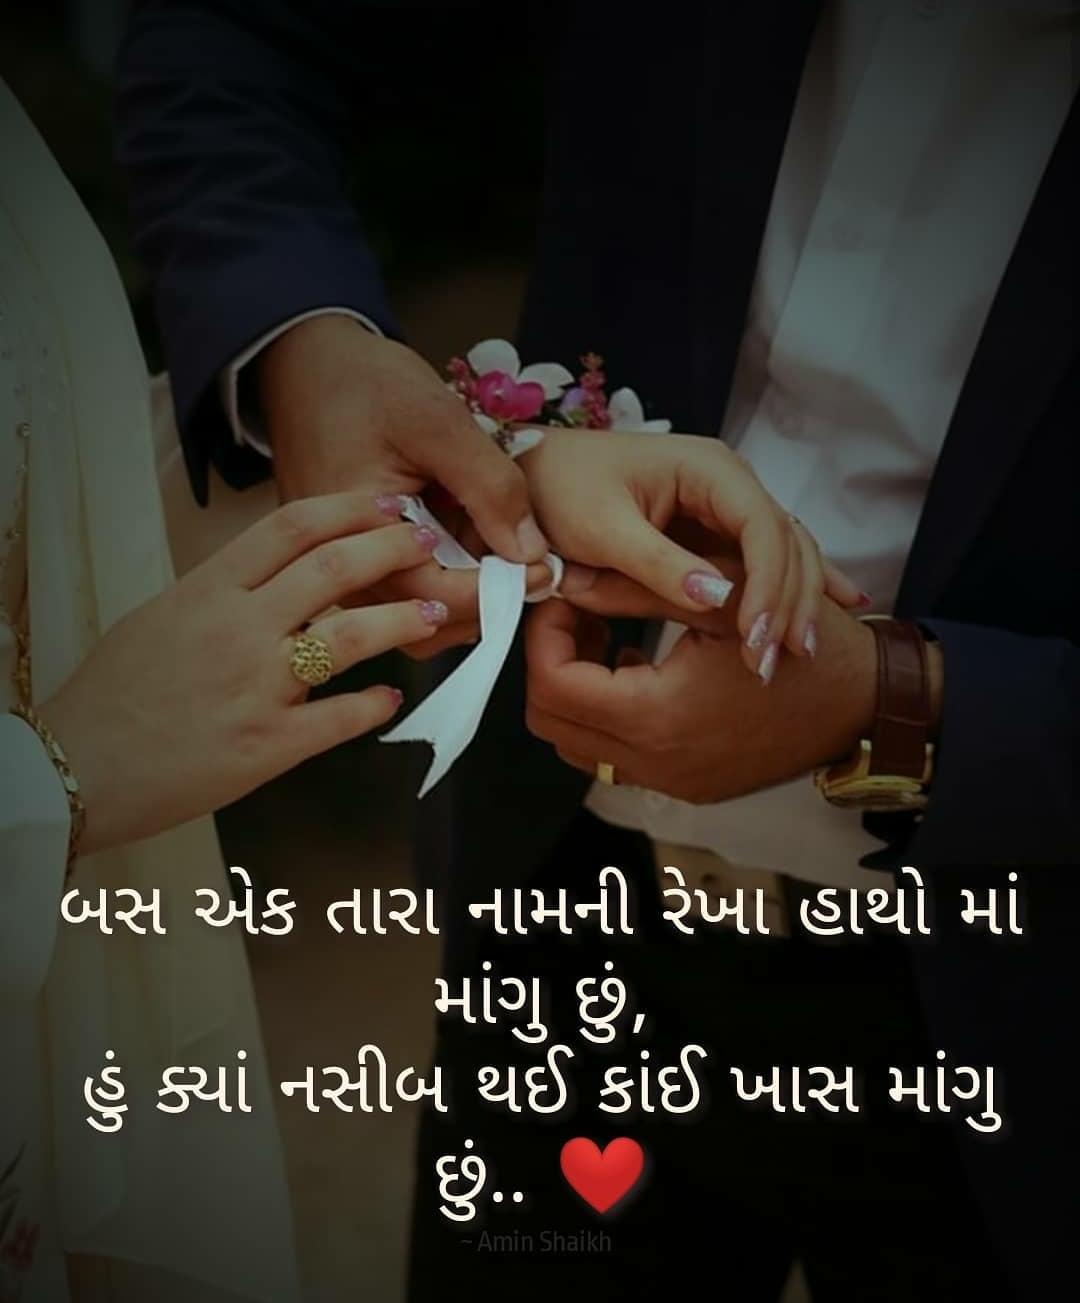 Top 20 Gujarati Shayari for Love & Friendship